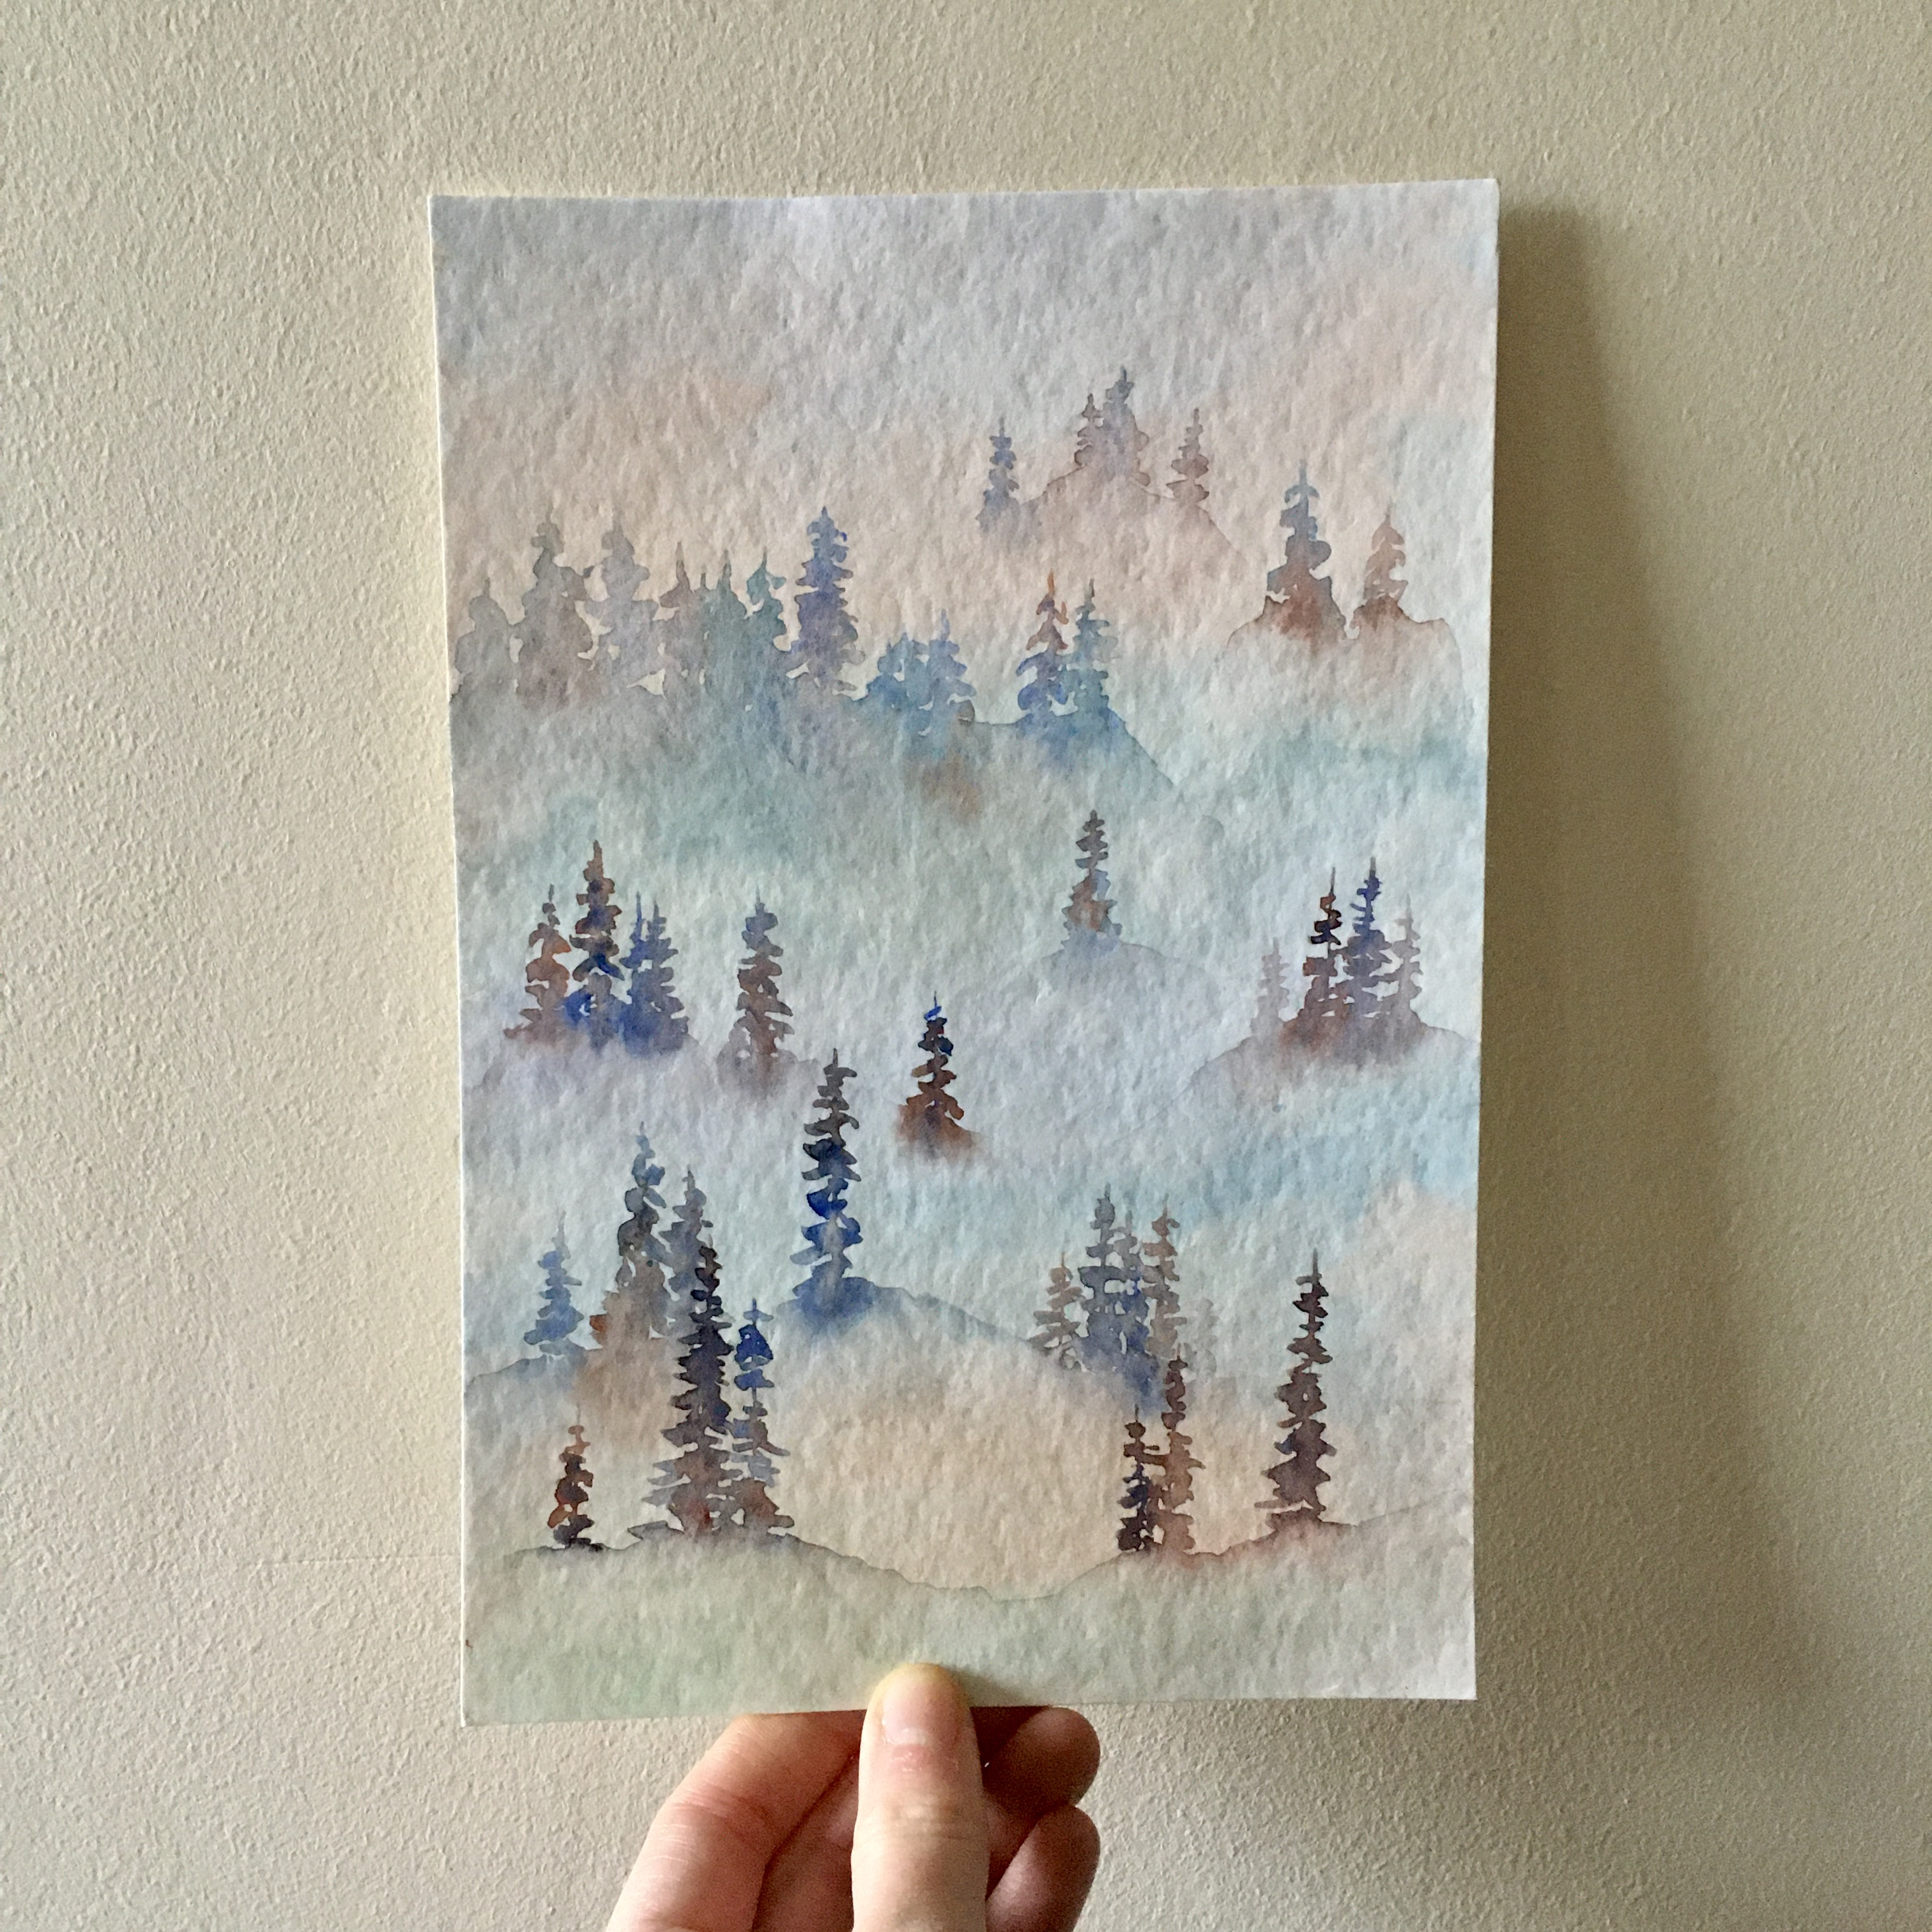 Misty Pine Trees.